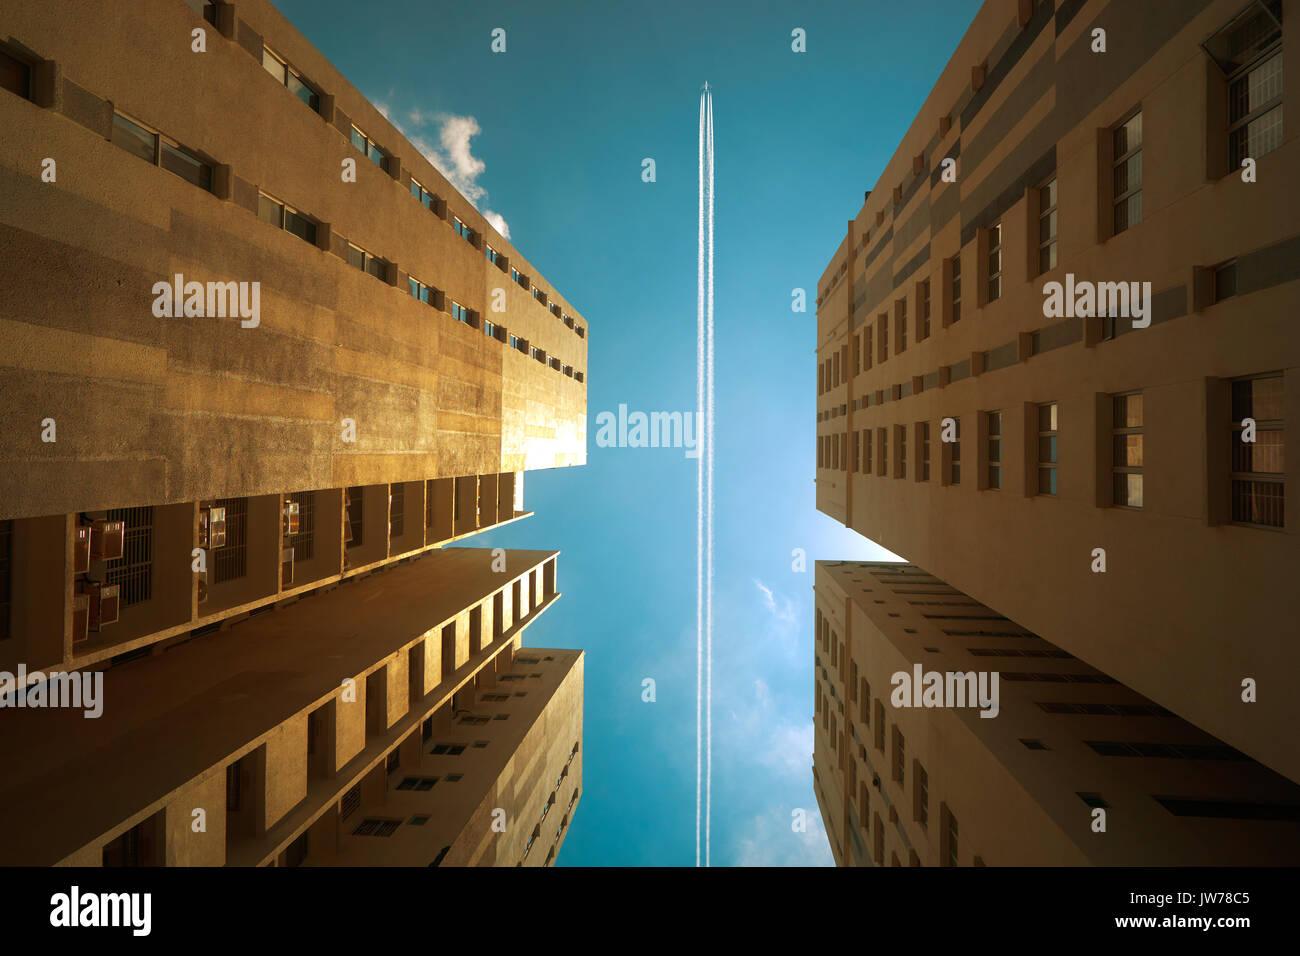 Traînée de l'avion contre ciel bleu clair avec abstract low angle view of common entreprise moderne des gratte-ciel. Photo Stock